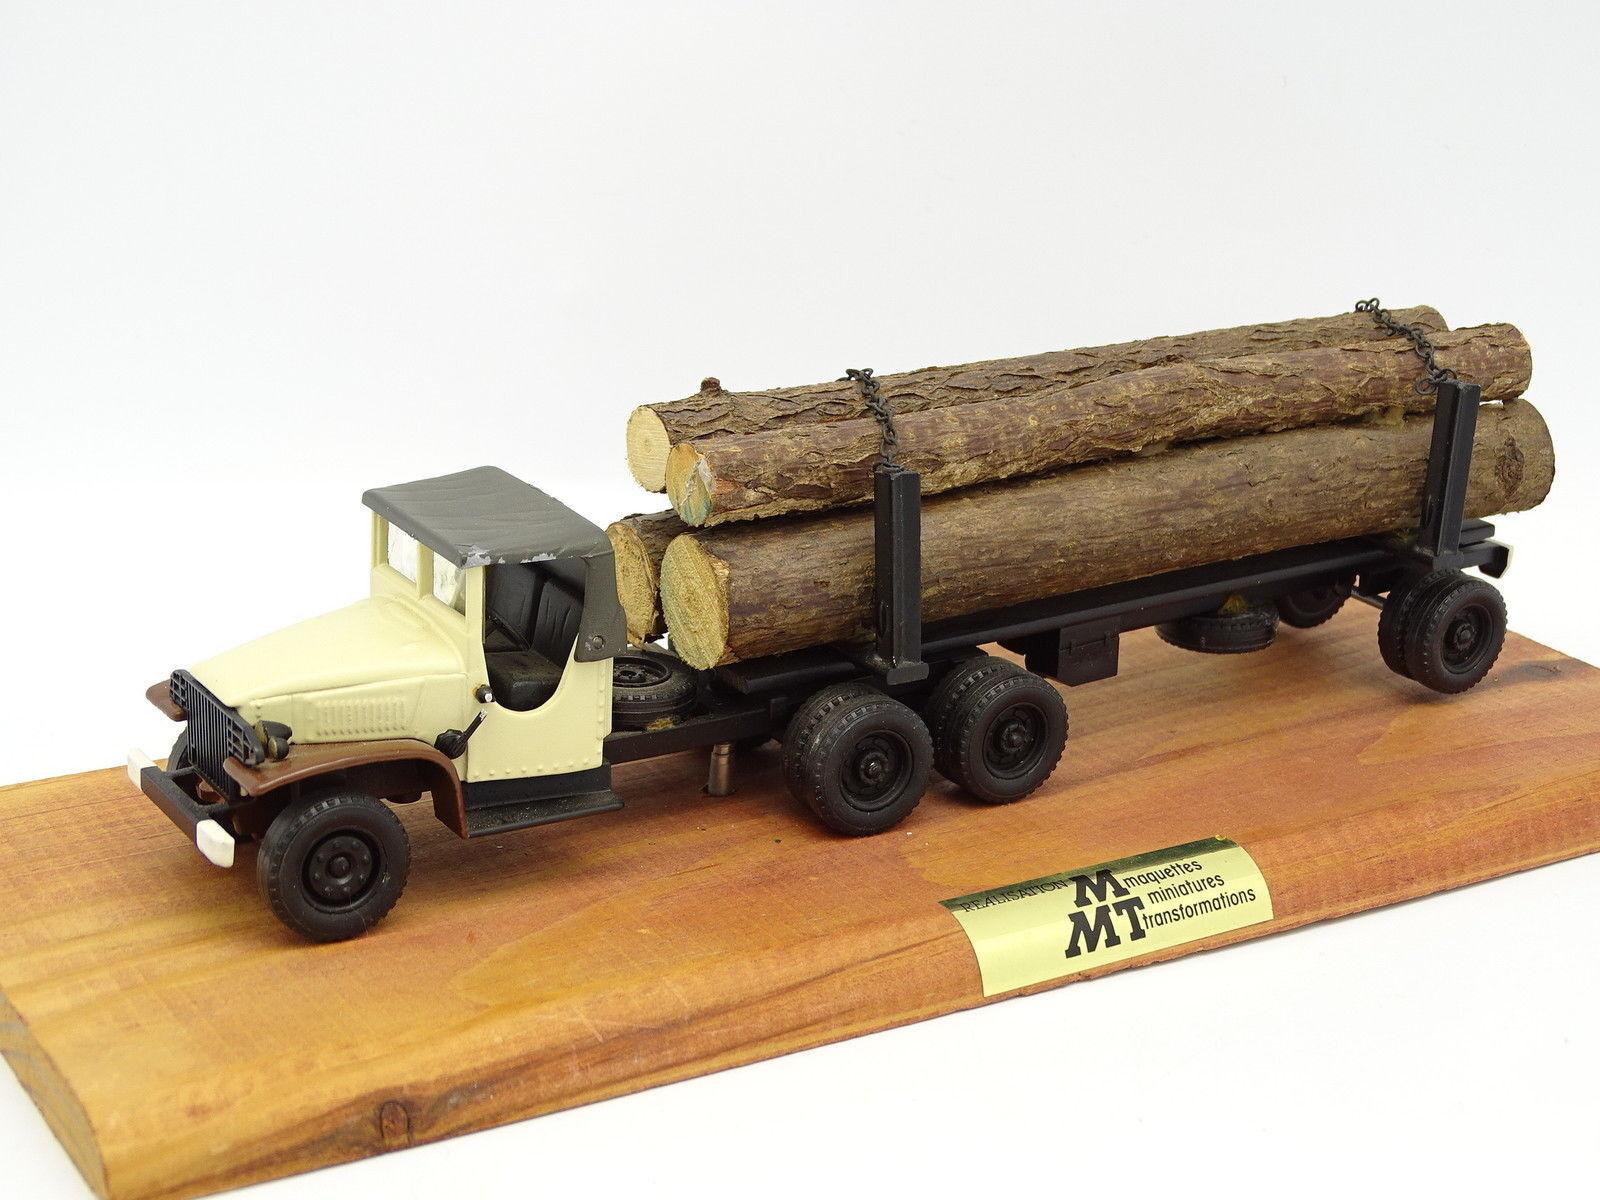 Resin mounted mmt 1 50 - gmc log carrier